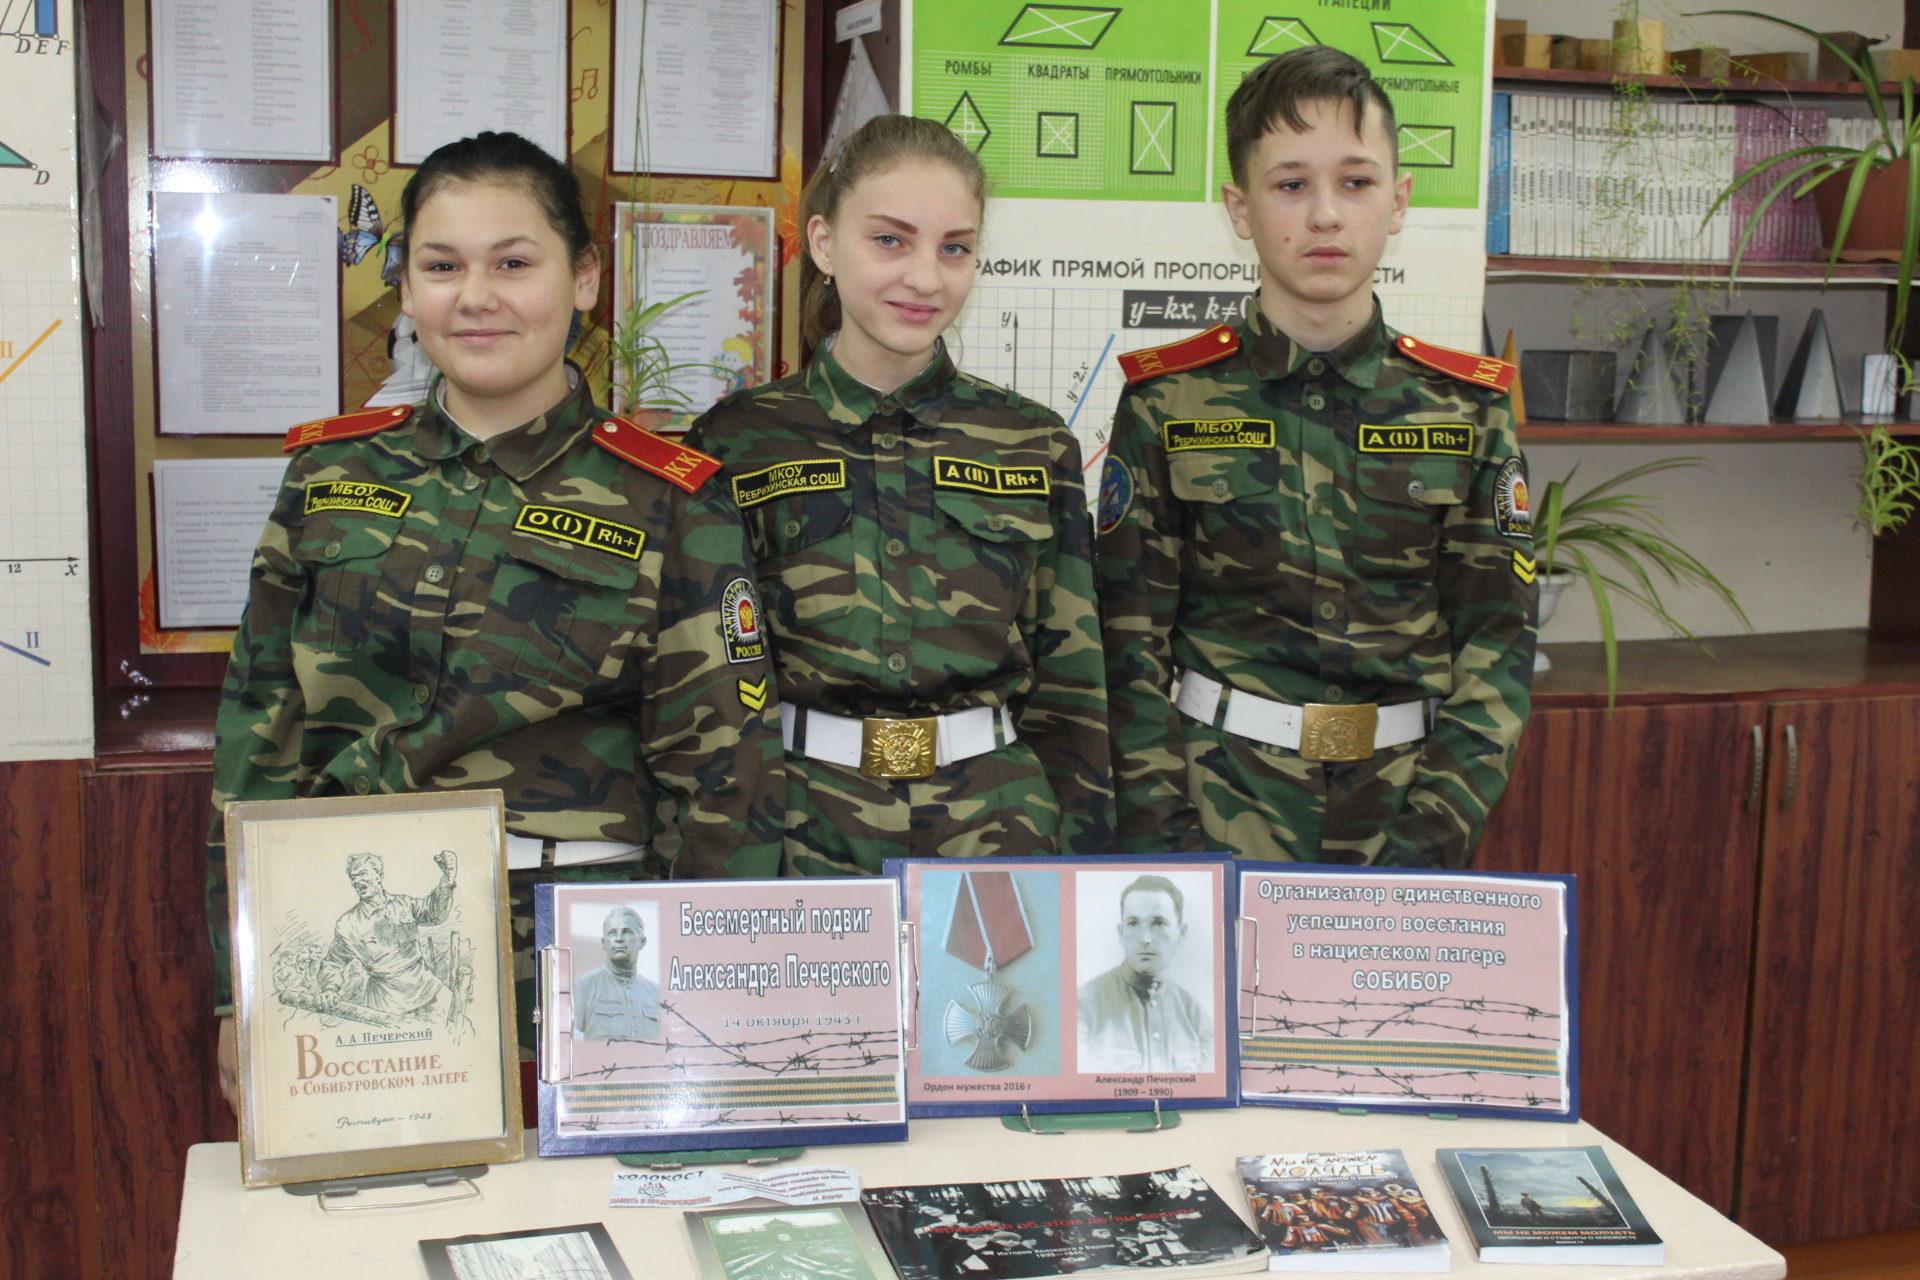 Урок мужества, посвященный Александру Печерскому в Алтайском крае